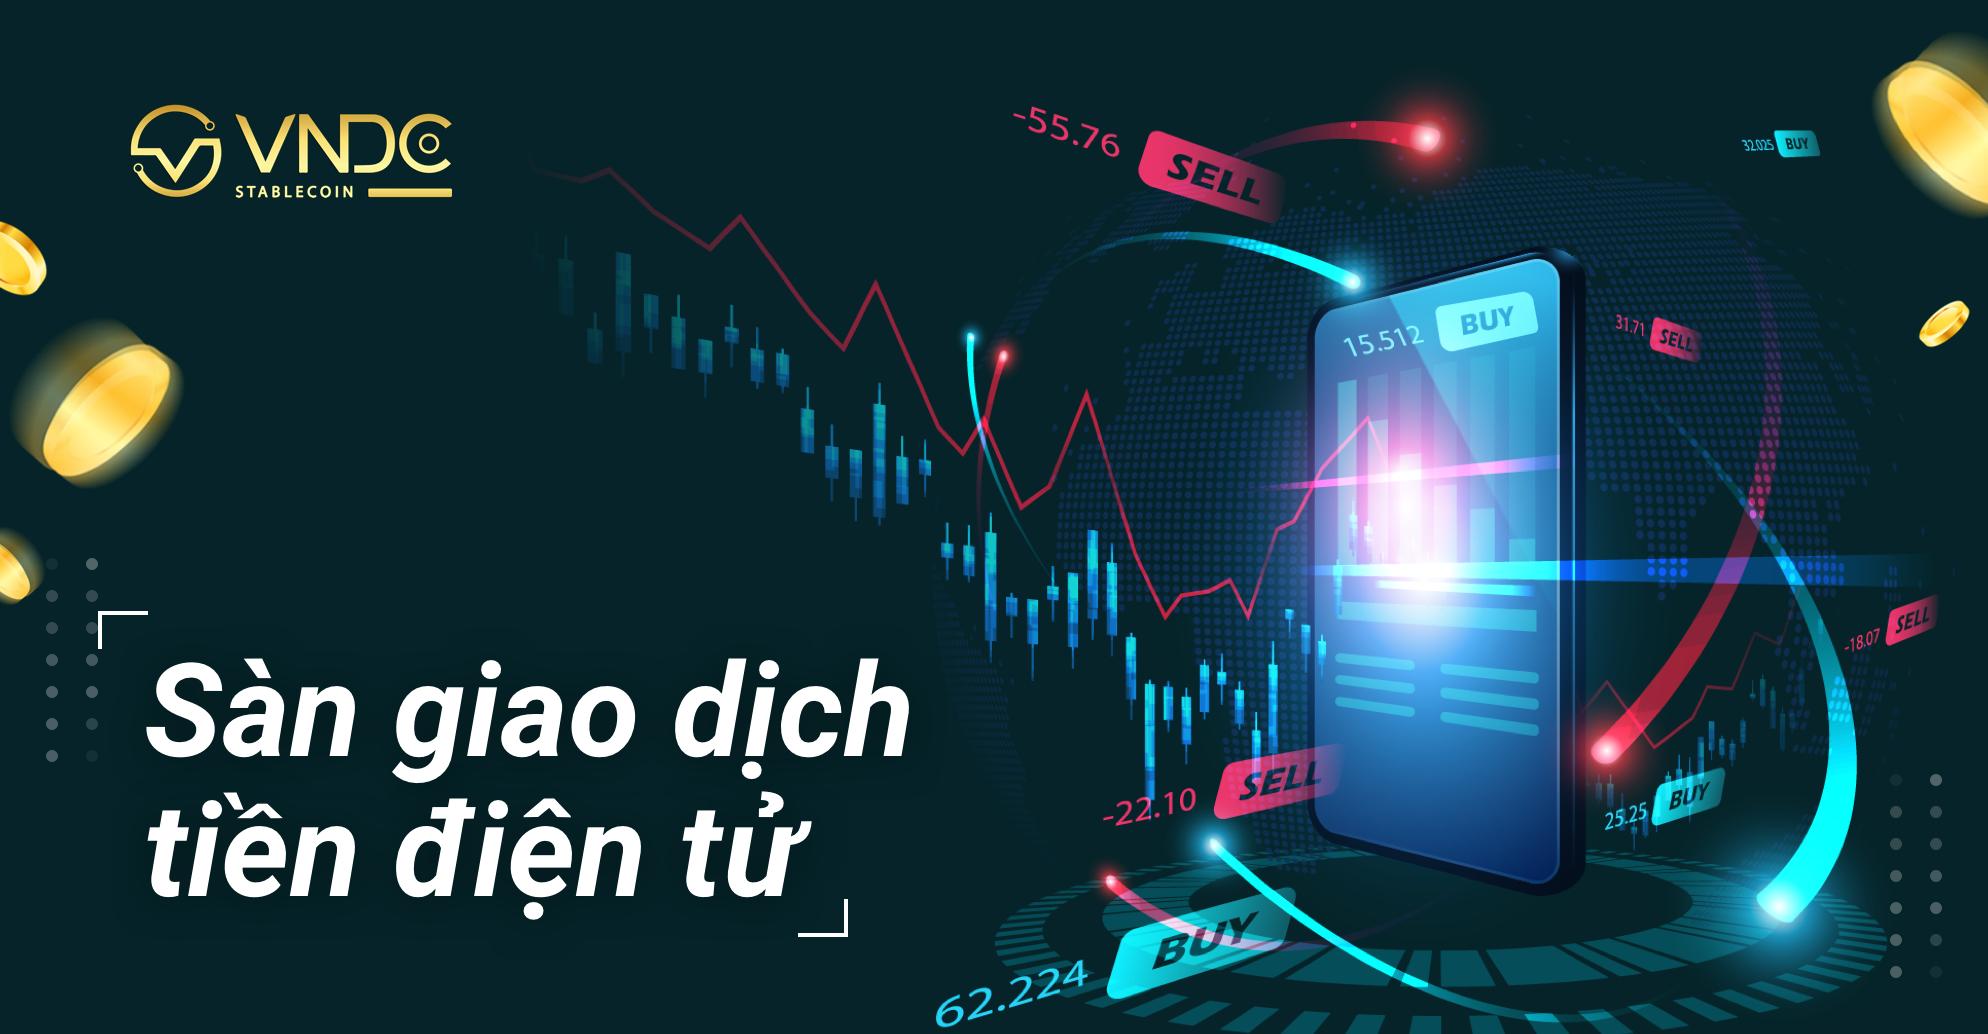 Sàn giao dịch tiền điện tử là gì? Hướng dẫn mua/bán tiền điện tử cho người mới bắt đầu